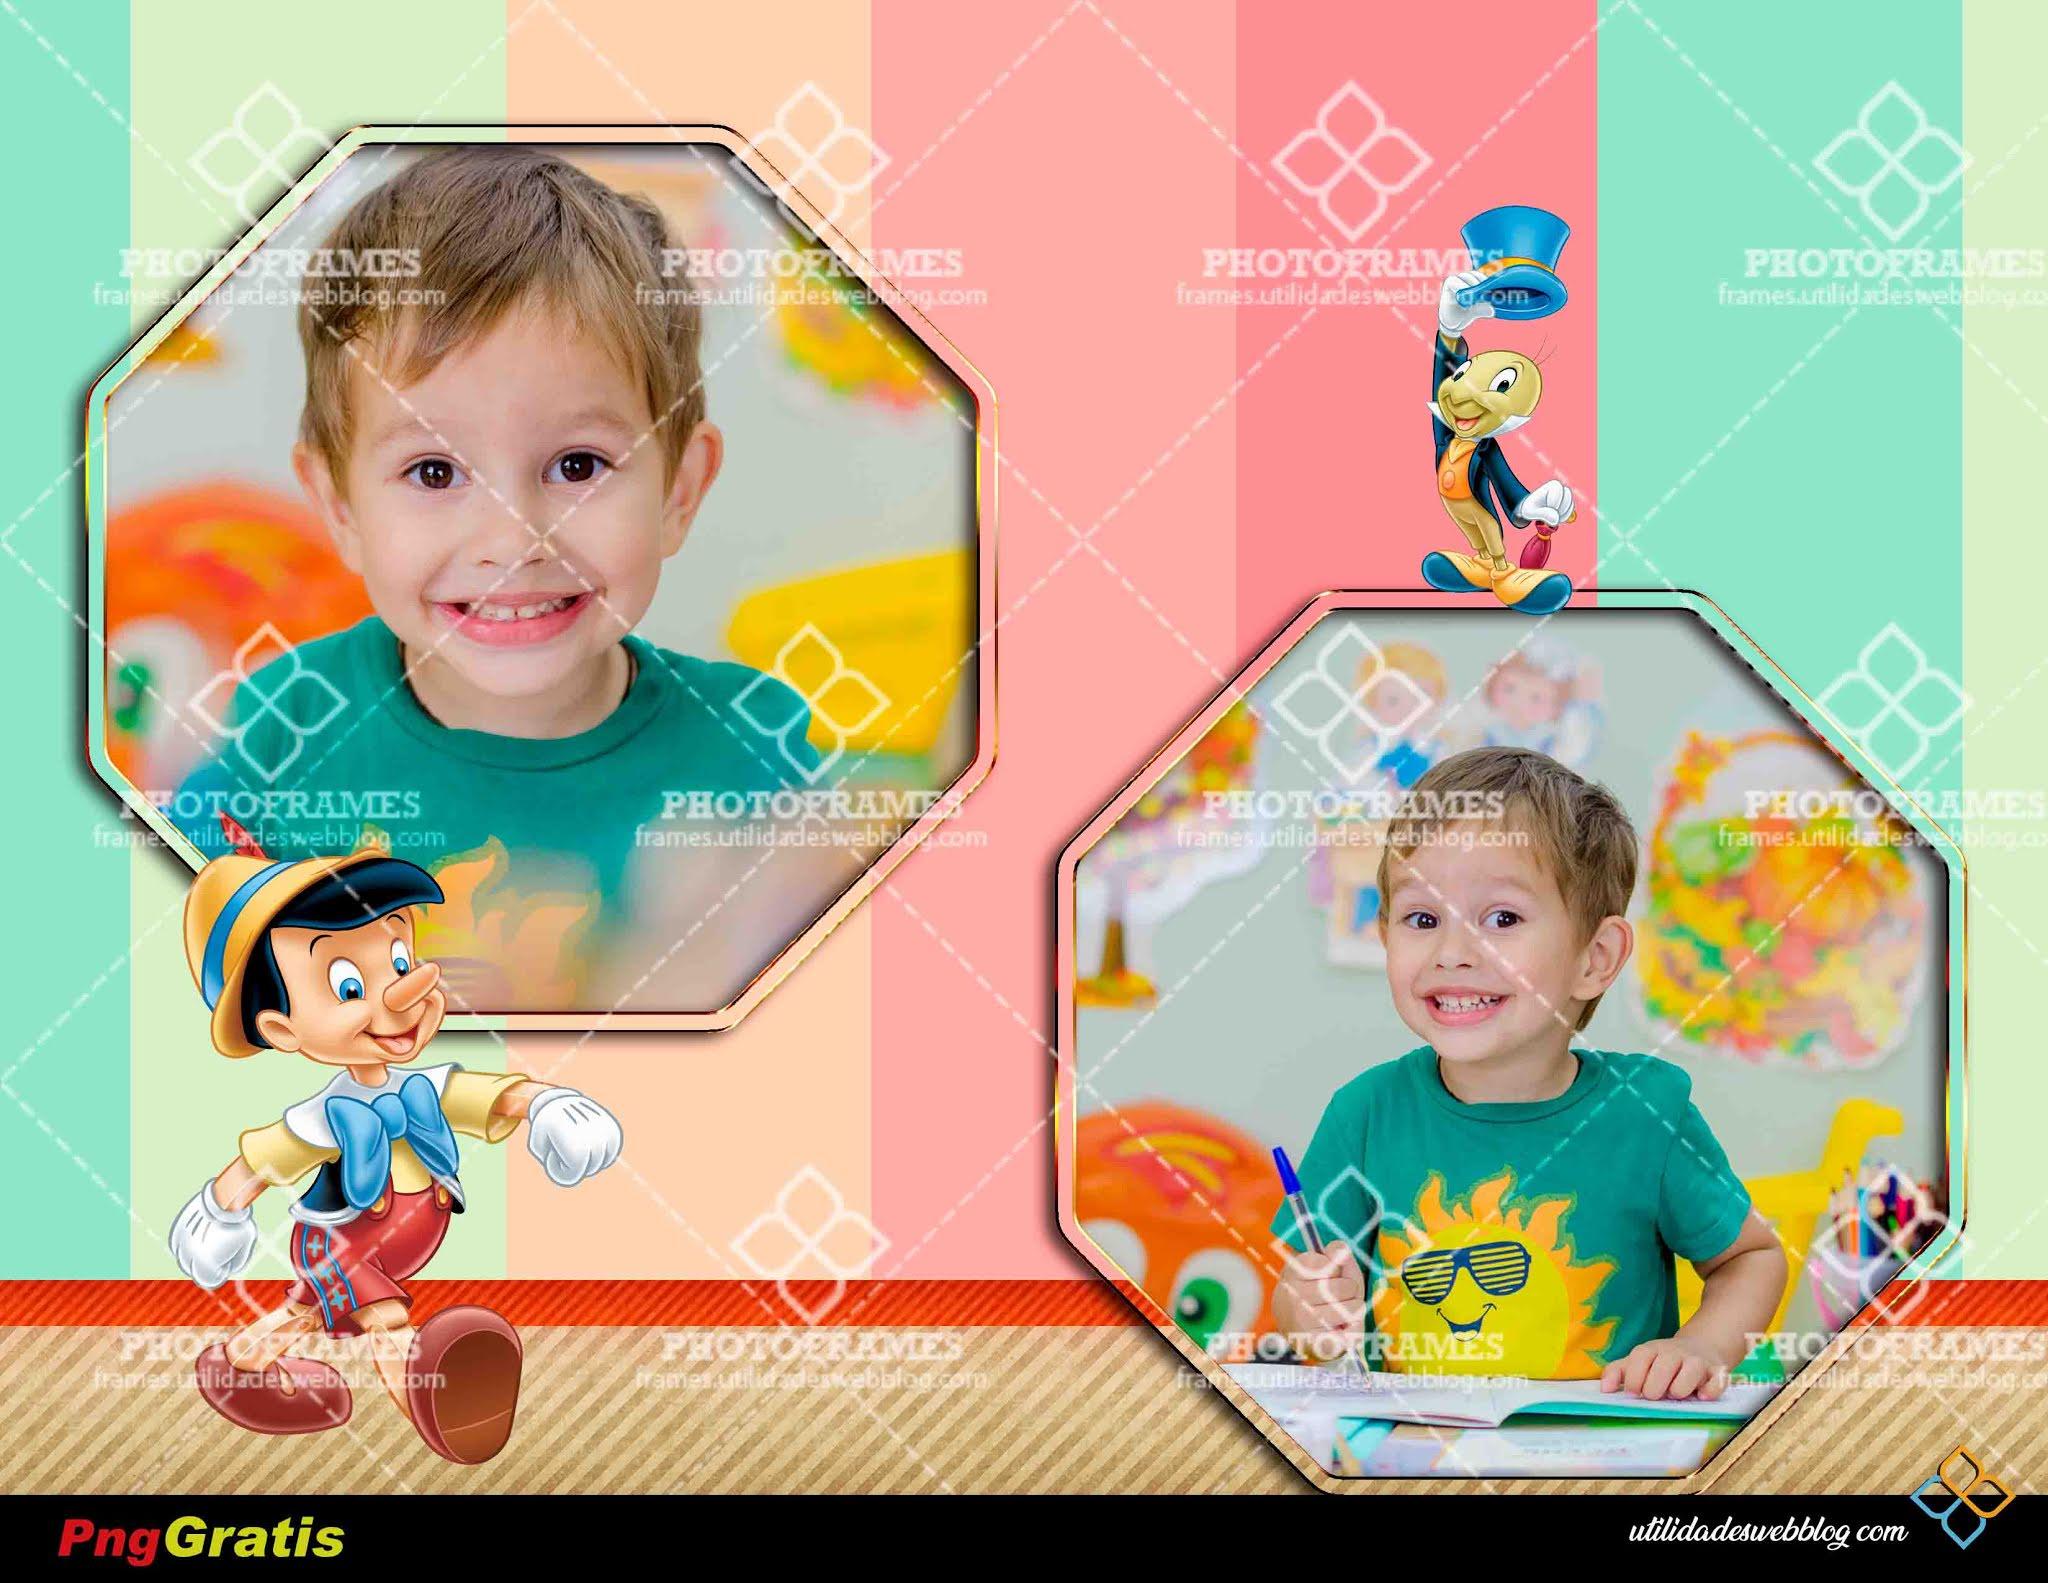 Bello marco para colocar 2 fotos inspirado en Pinocho